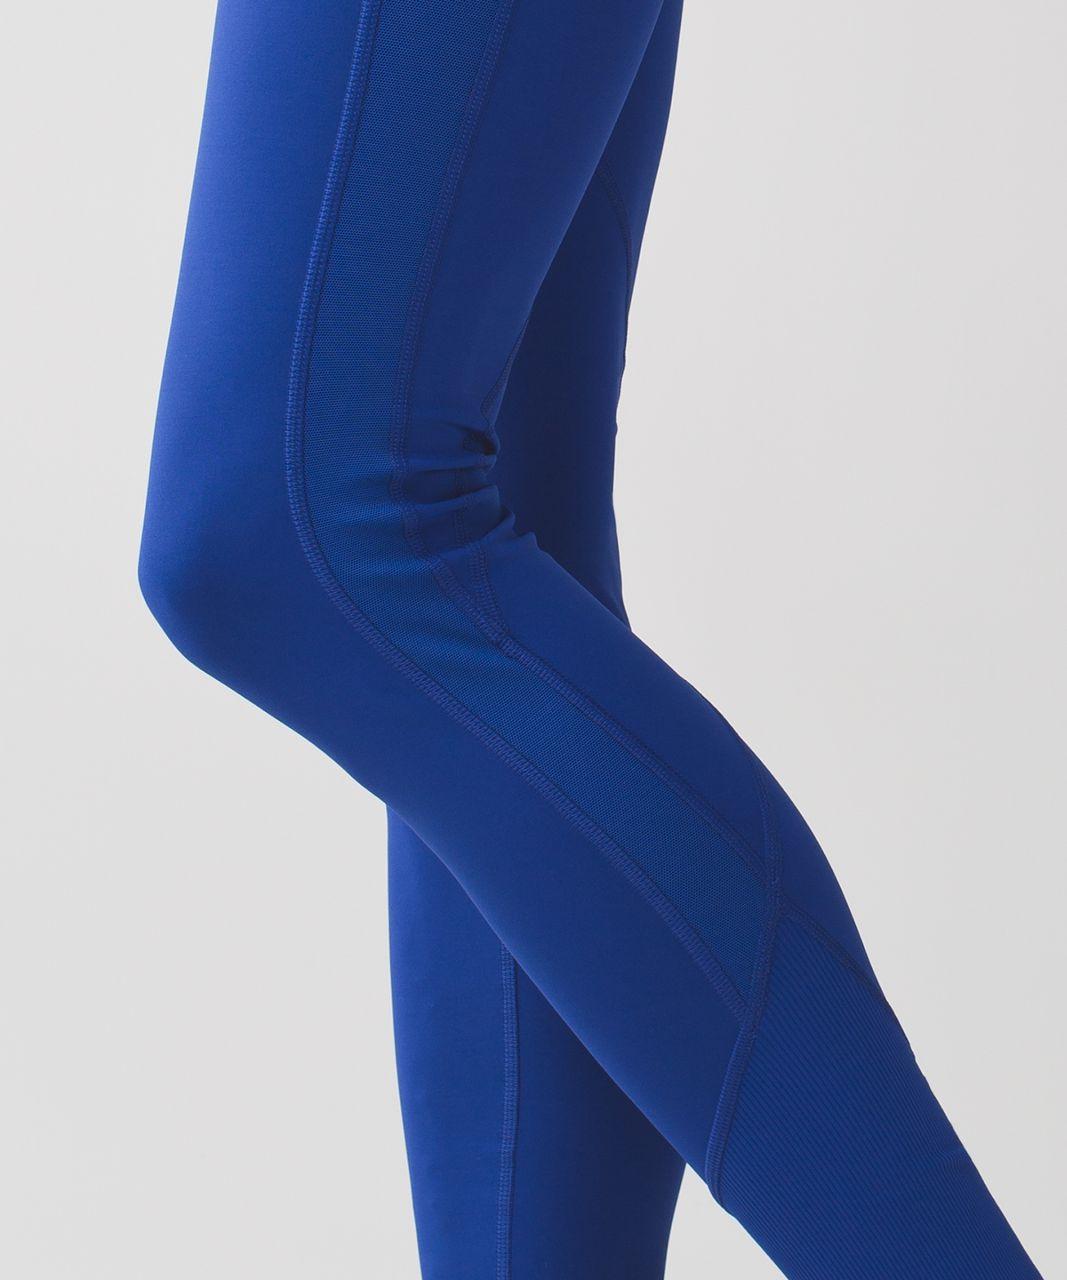 c3106d9a1 Lululemon Drop It Like It s Hot Tight - Sapphire Blue - lulu fanatics